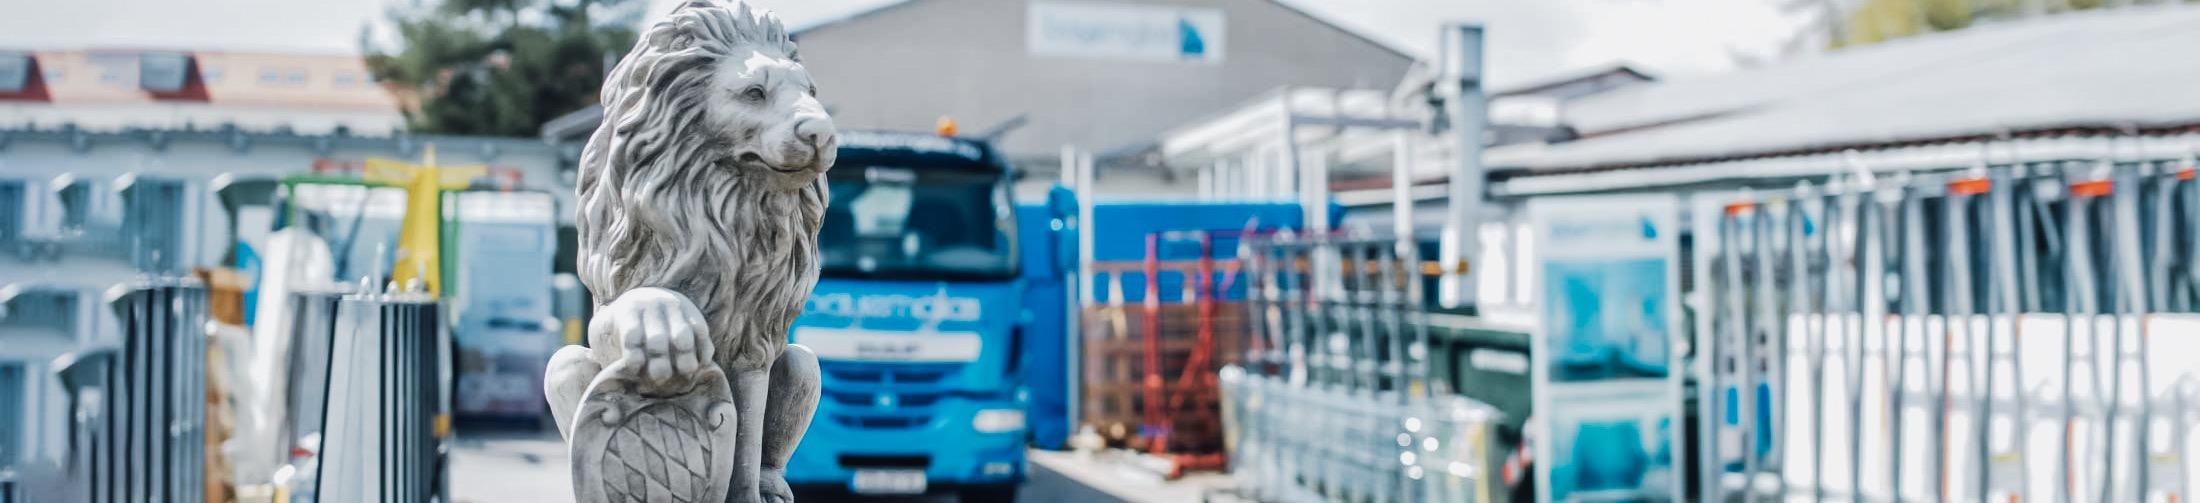 Glaserei München Bayernglas Wartenberg zwischen München und Landshut Header Startseite-2200x503 2